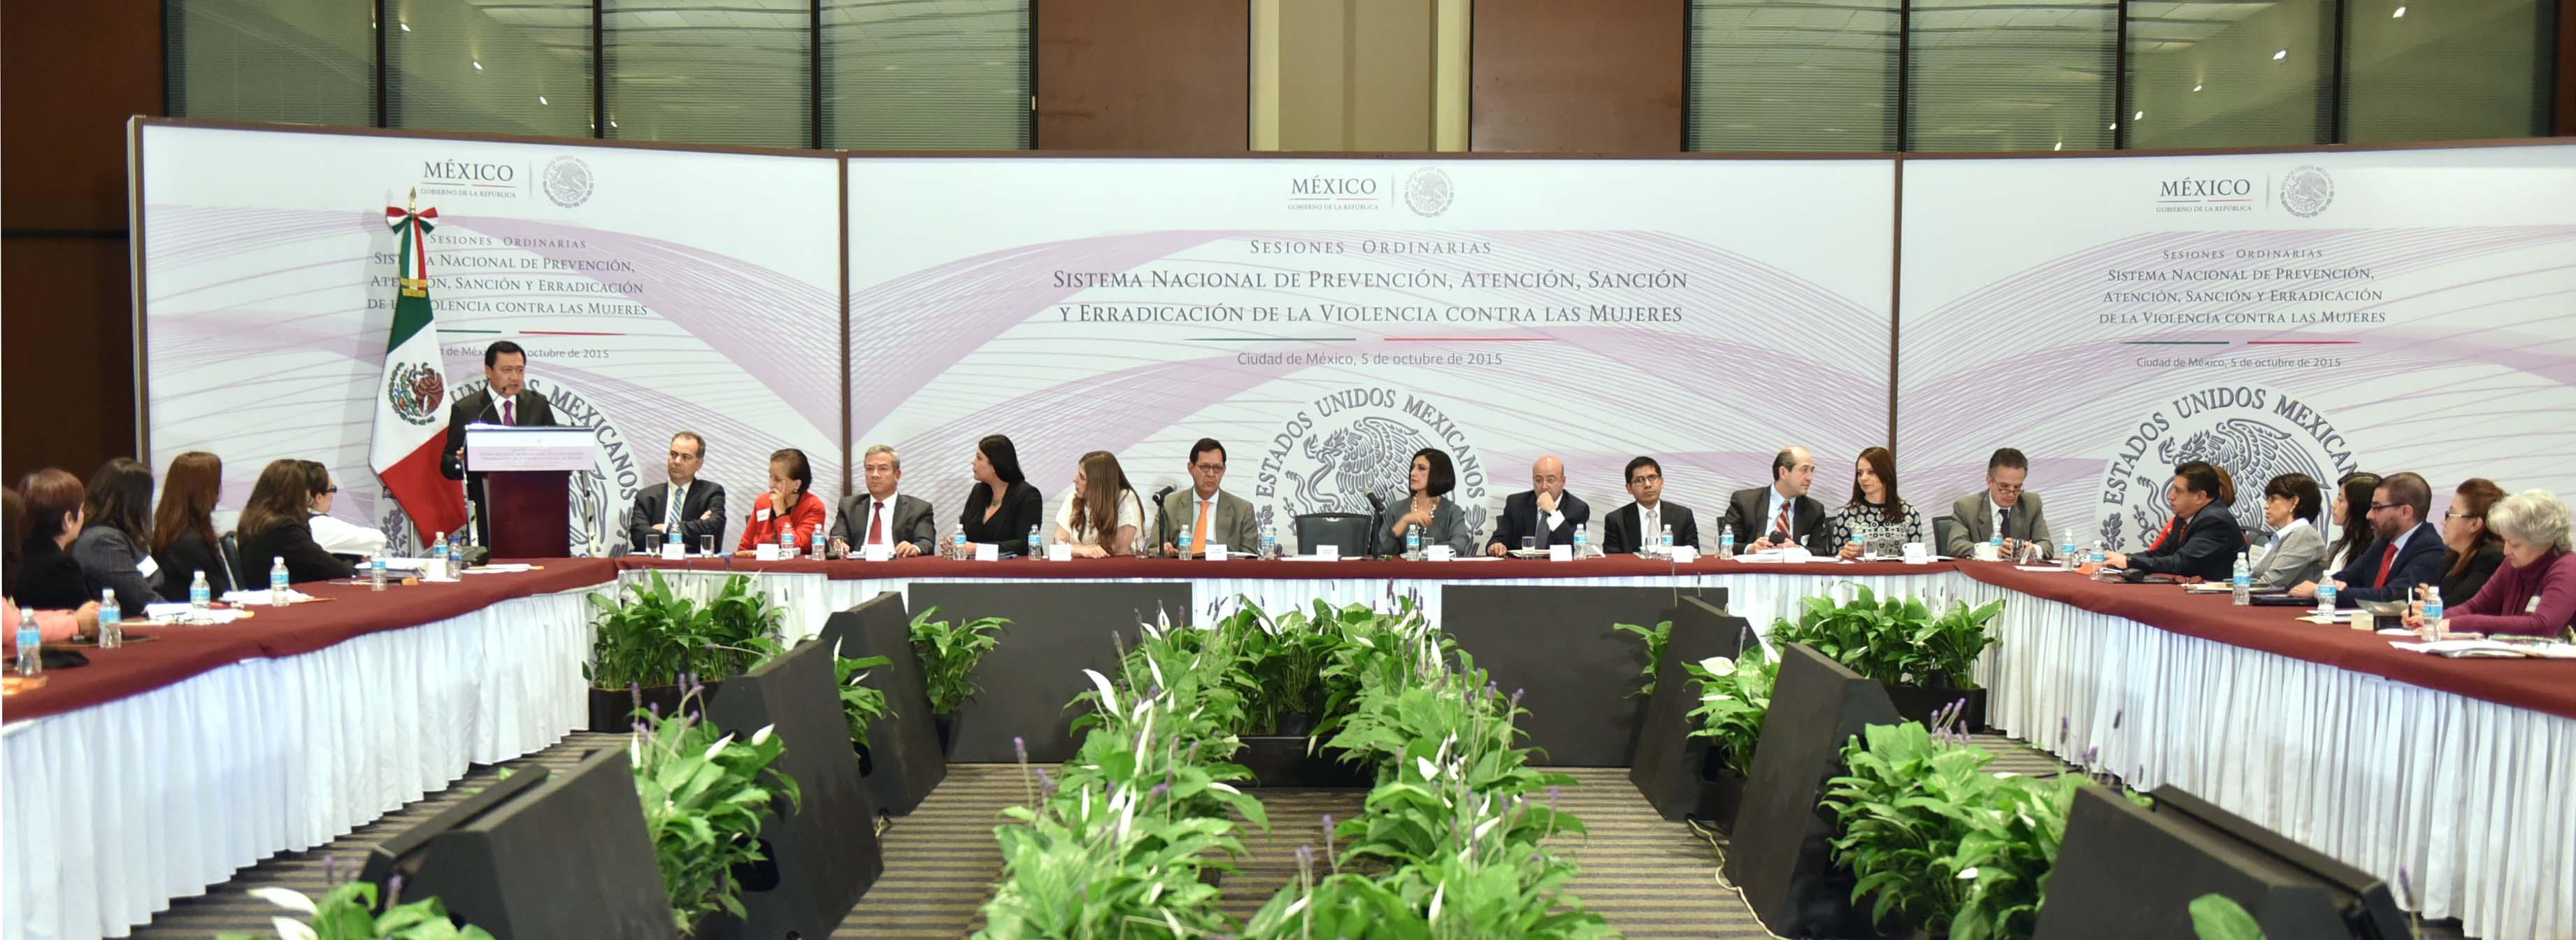 El Secretario de Gobernación, Miguel Ángel Osorio Chong, durante las Sesiones Ordinarias XXIV, XXV Y XXVI del Sistema Nacional de Prevención, Atención, Sanción y Erradicación de la Violencia contra las Mujeres